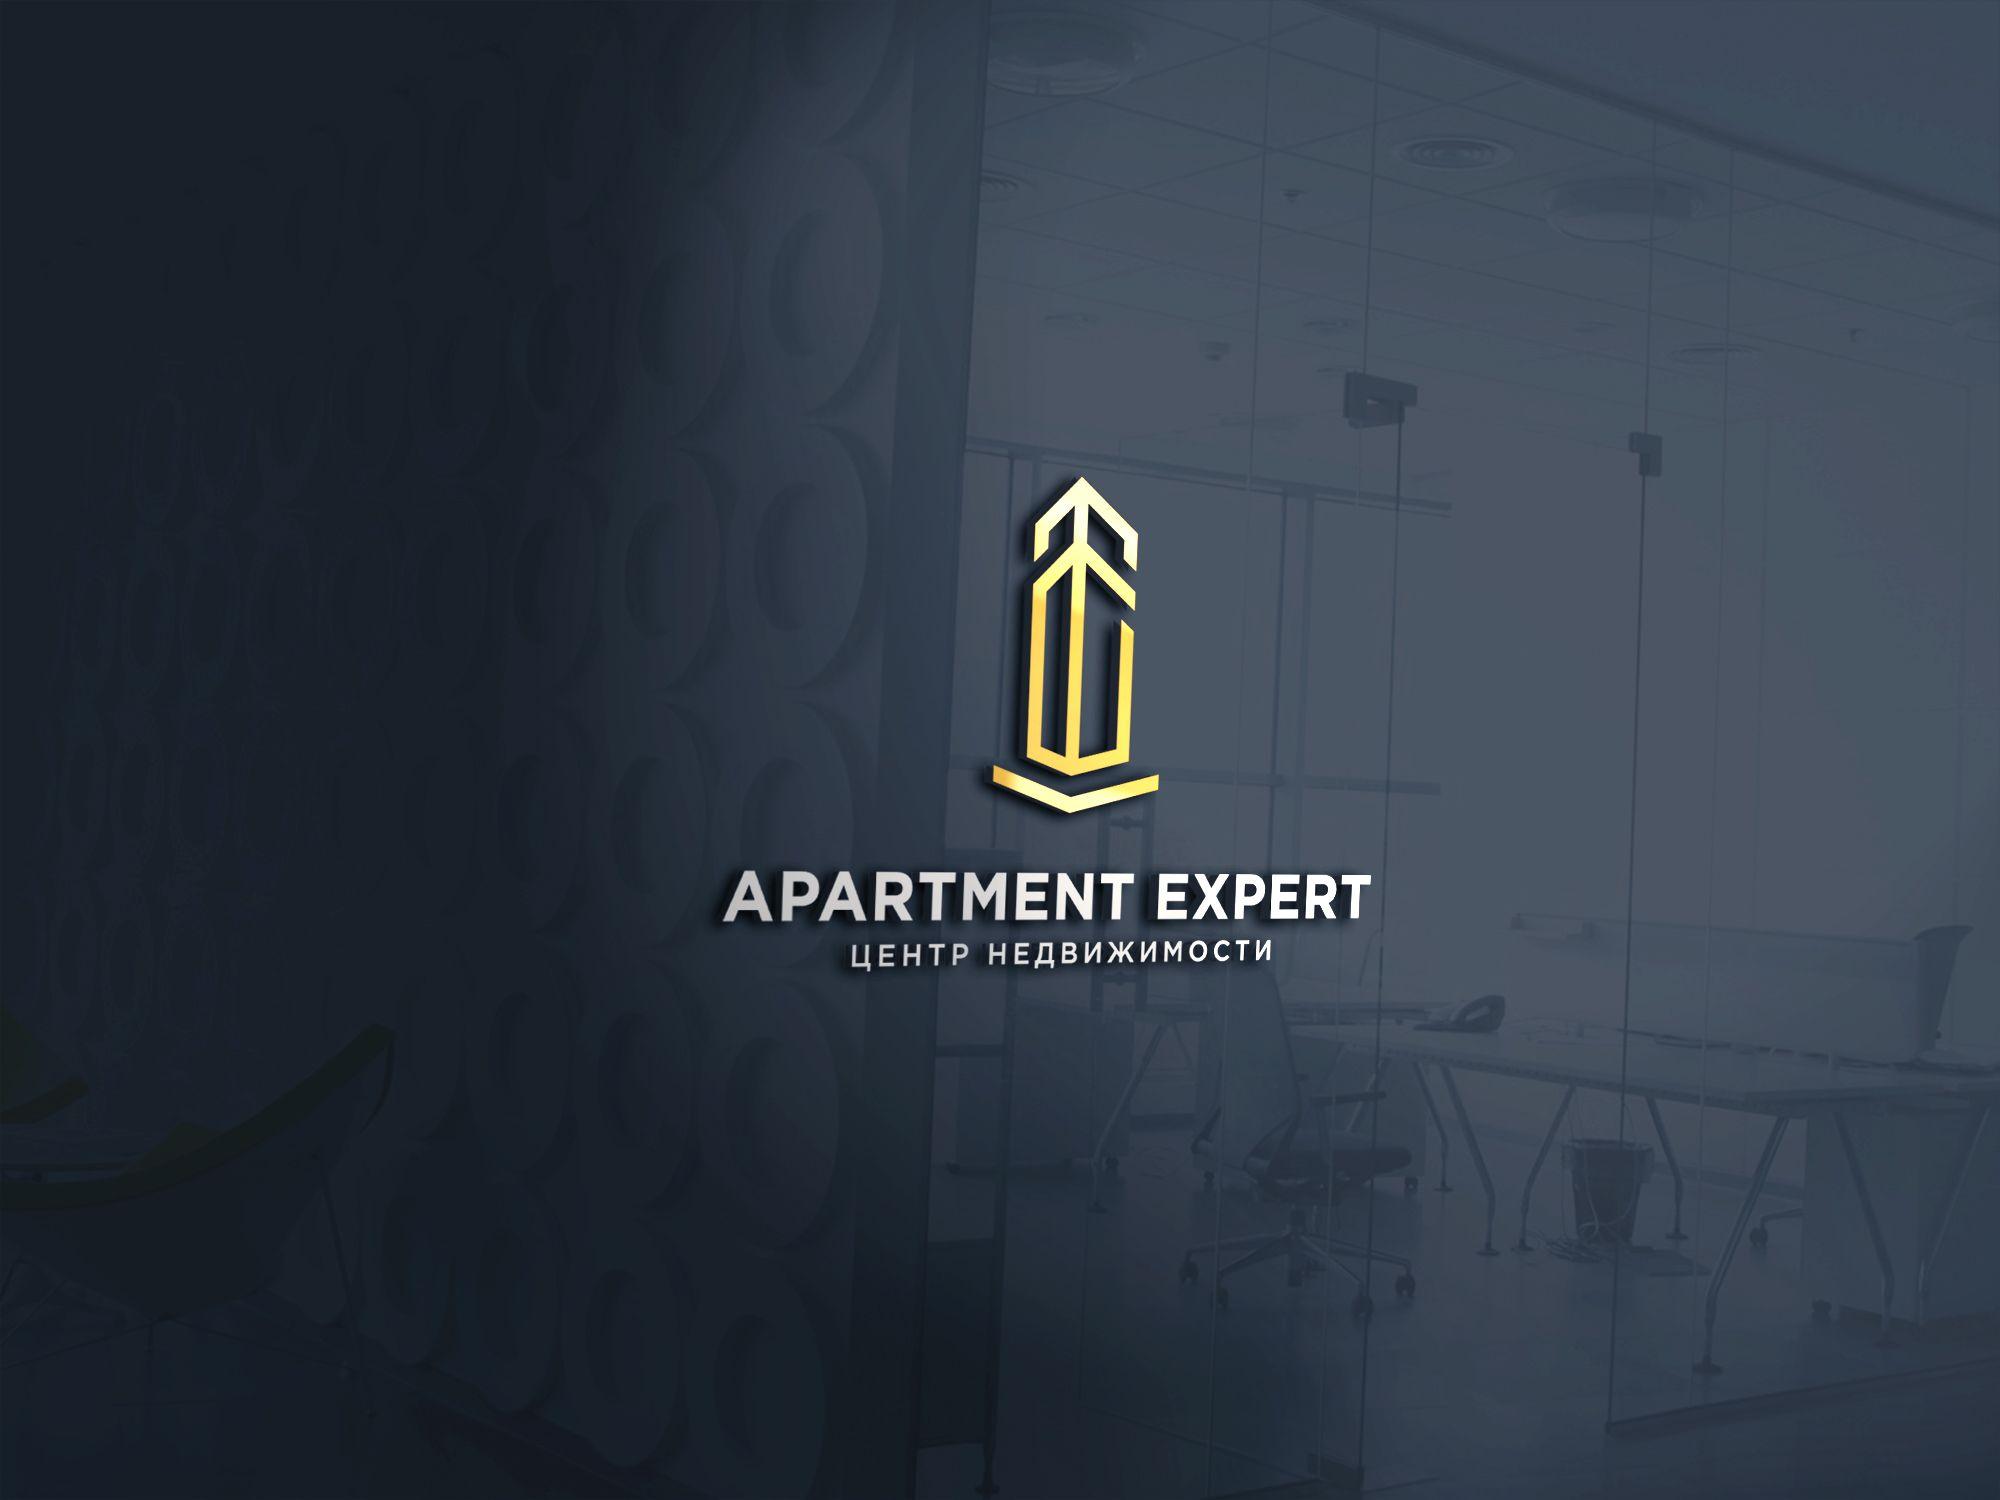 Логотип для APARTMENT EXPERT - ЦЕНТР НЕДВИЖИМОСТИ - дизайнер SANITARLESA